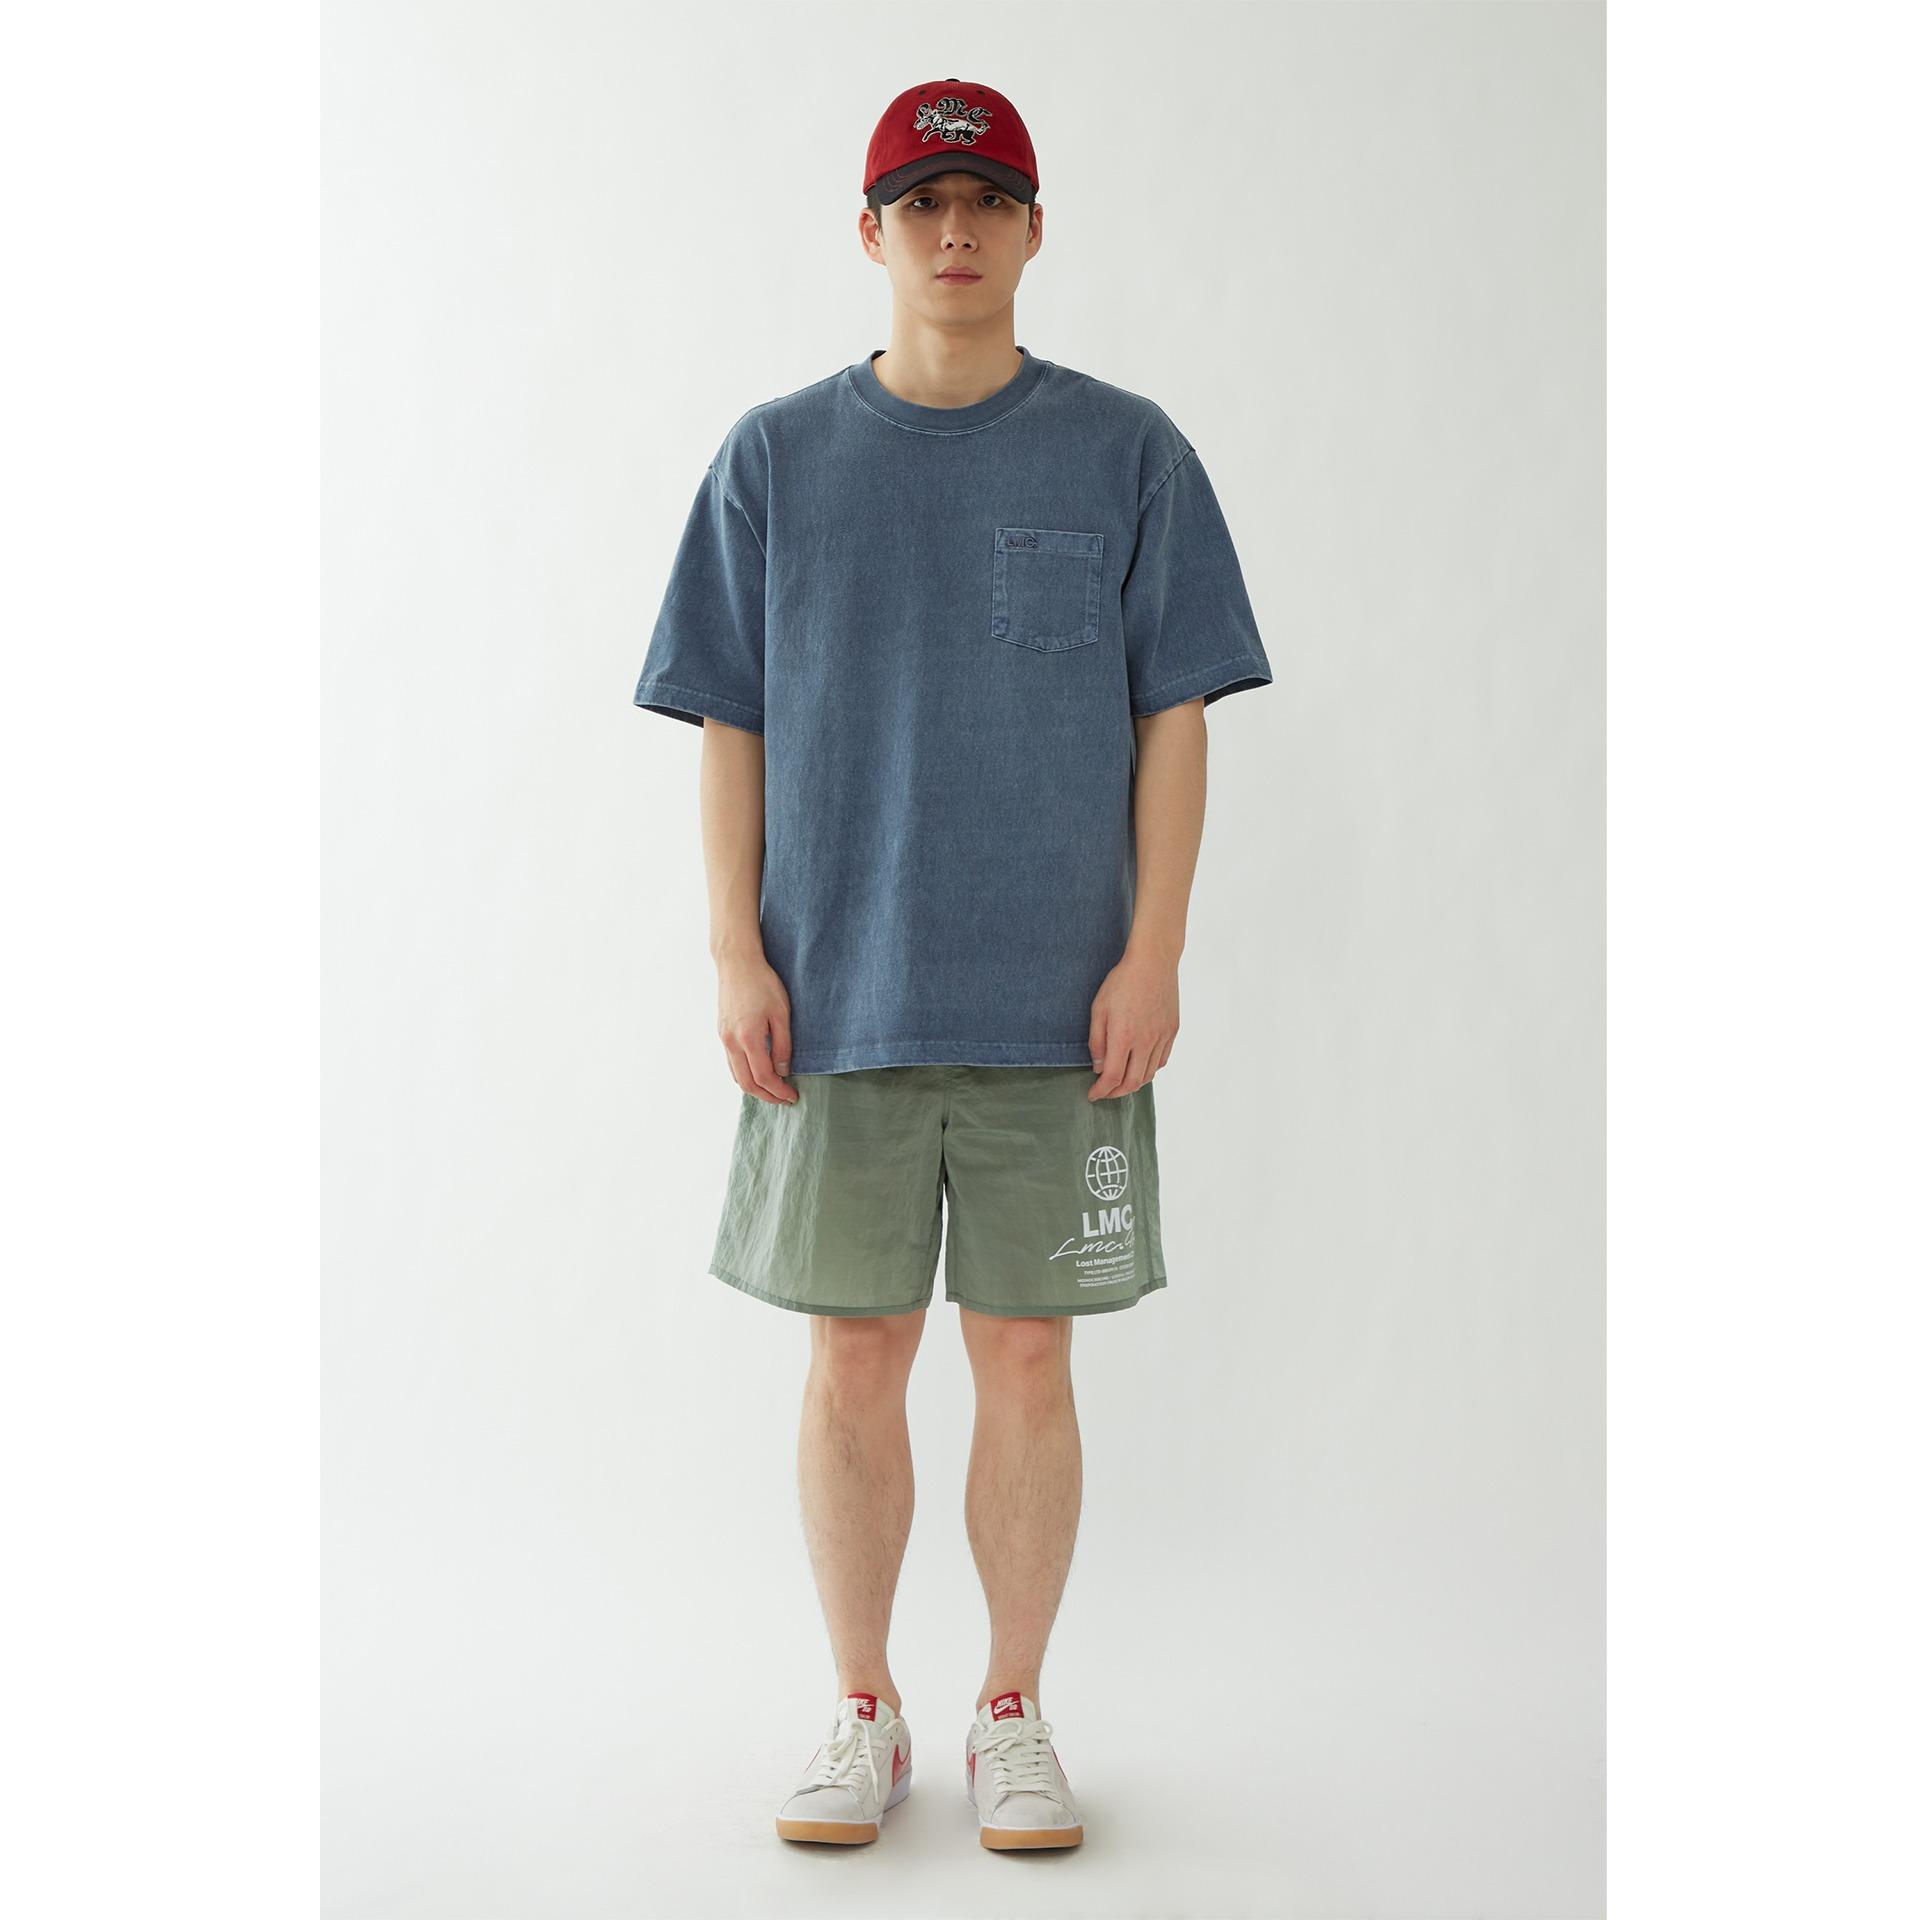 layer-LMC OVERDYED OG POCKET TEE navy♡韓國男裝上衣